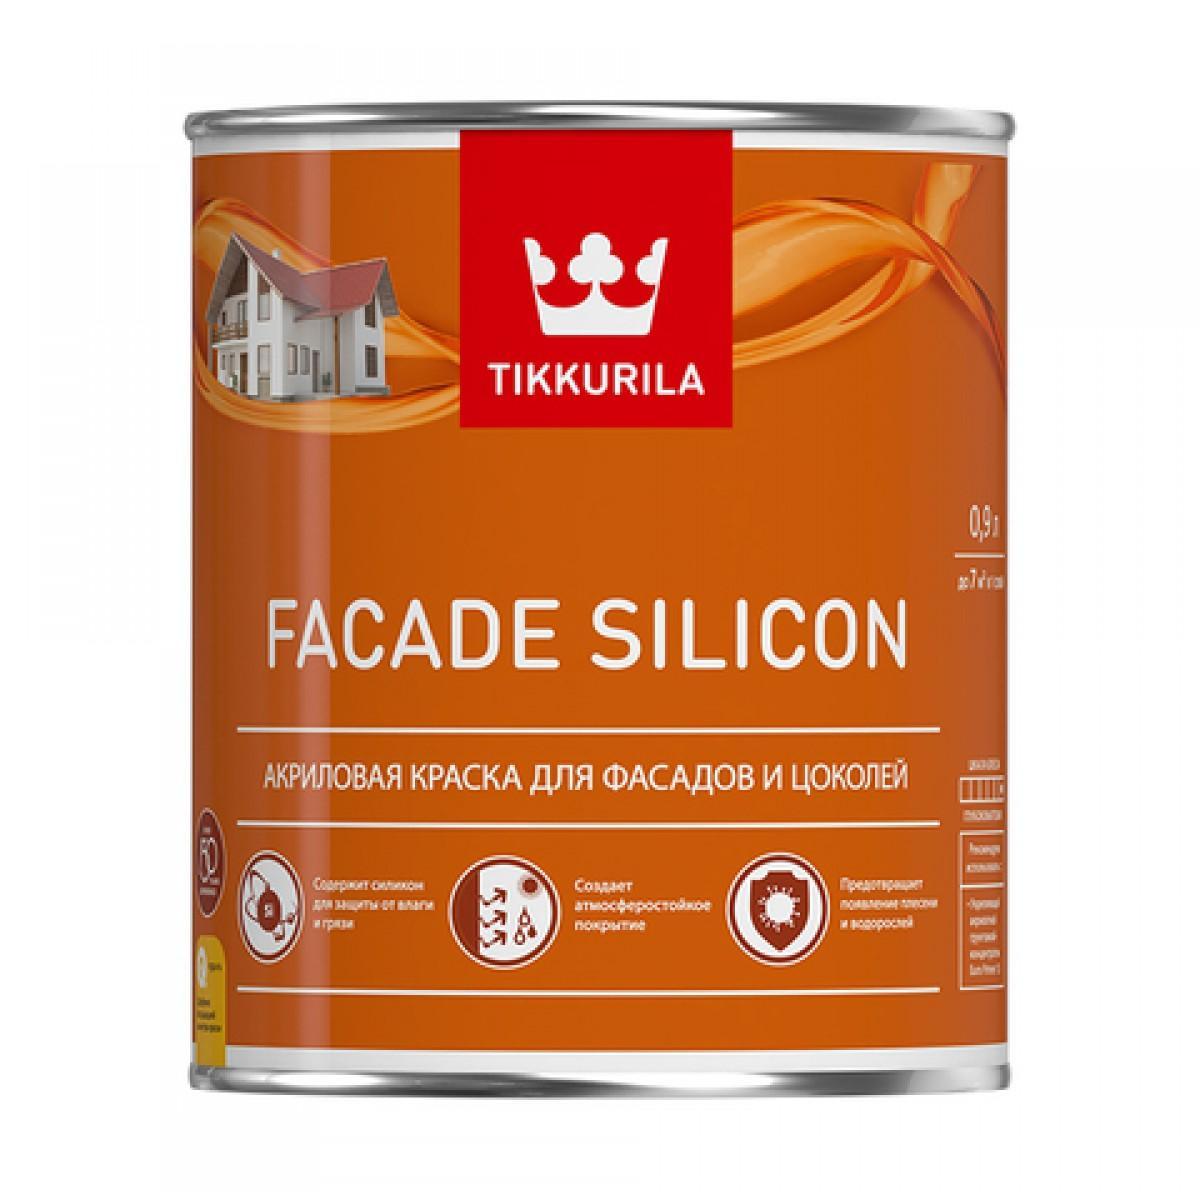 Facade Silicon - акриловая краска для фасадов и цоколей